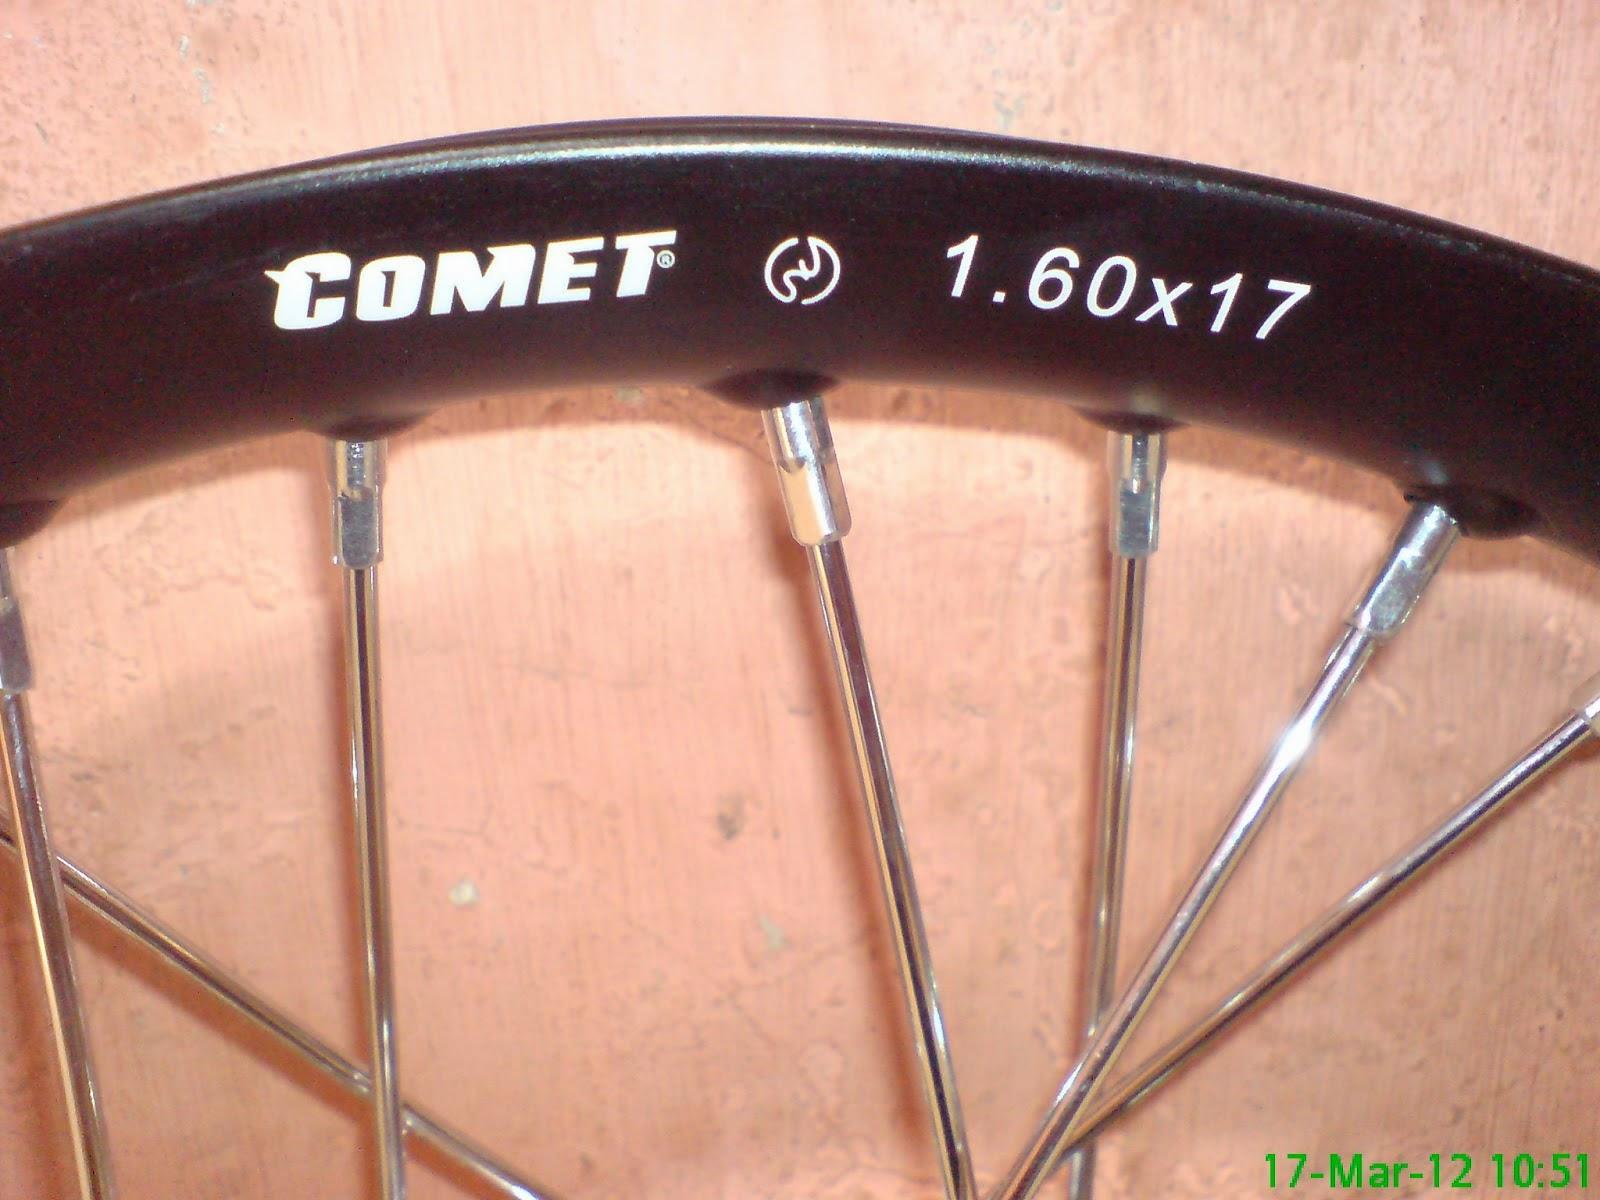 Harga Velg Comet Terbaru - Harga Pasaran Velg Comet Saat Ini